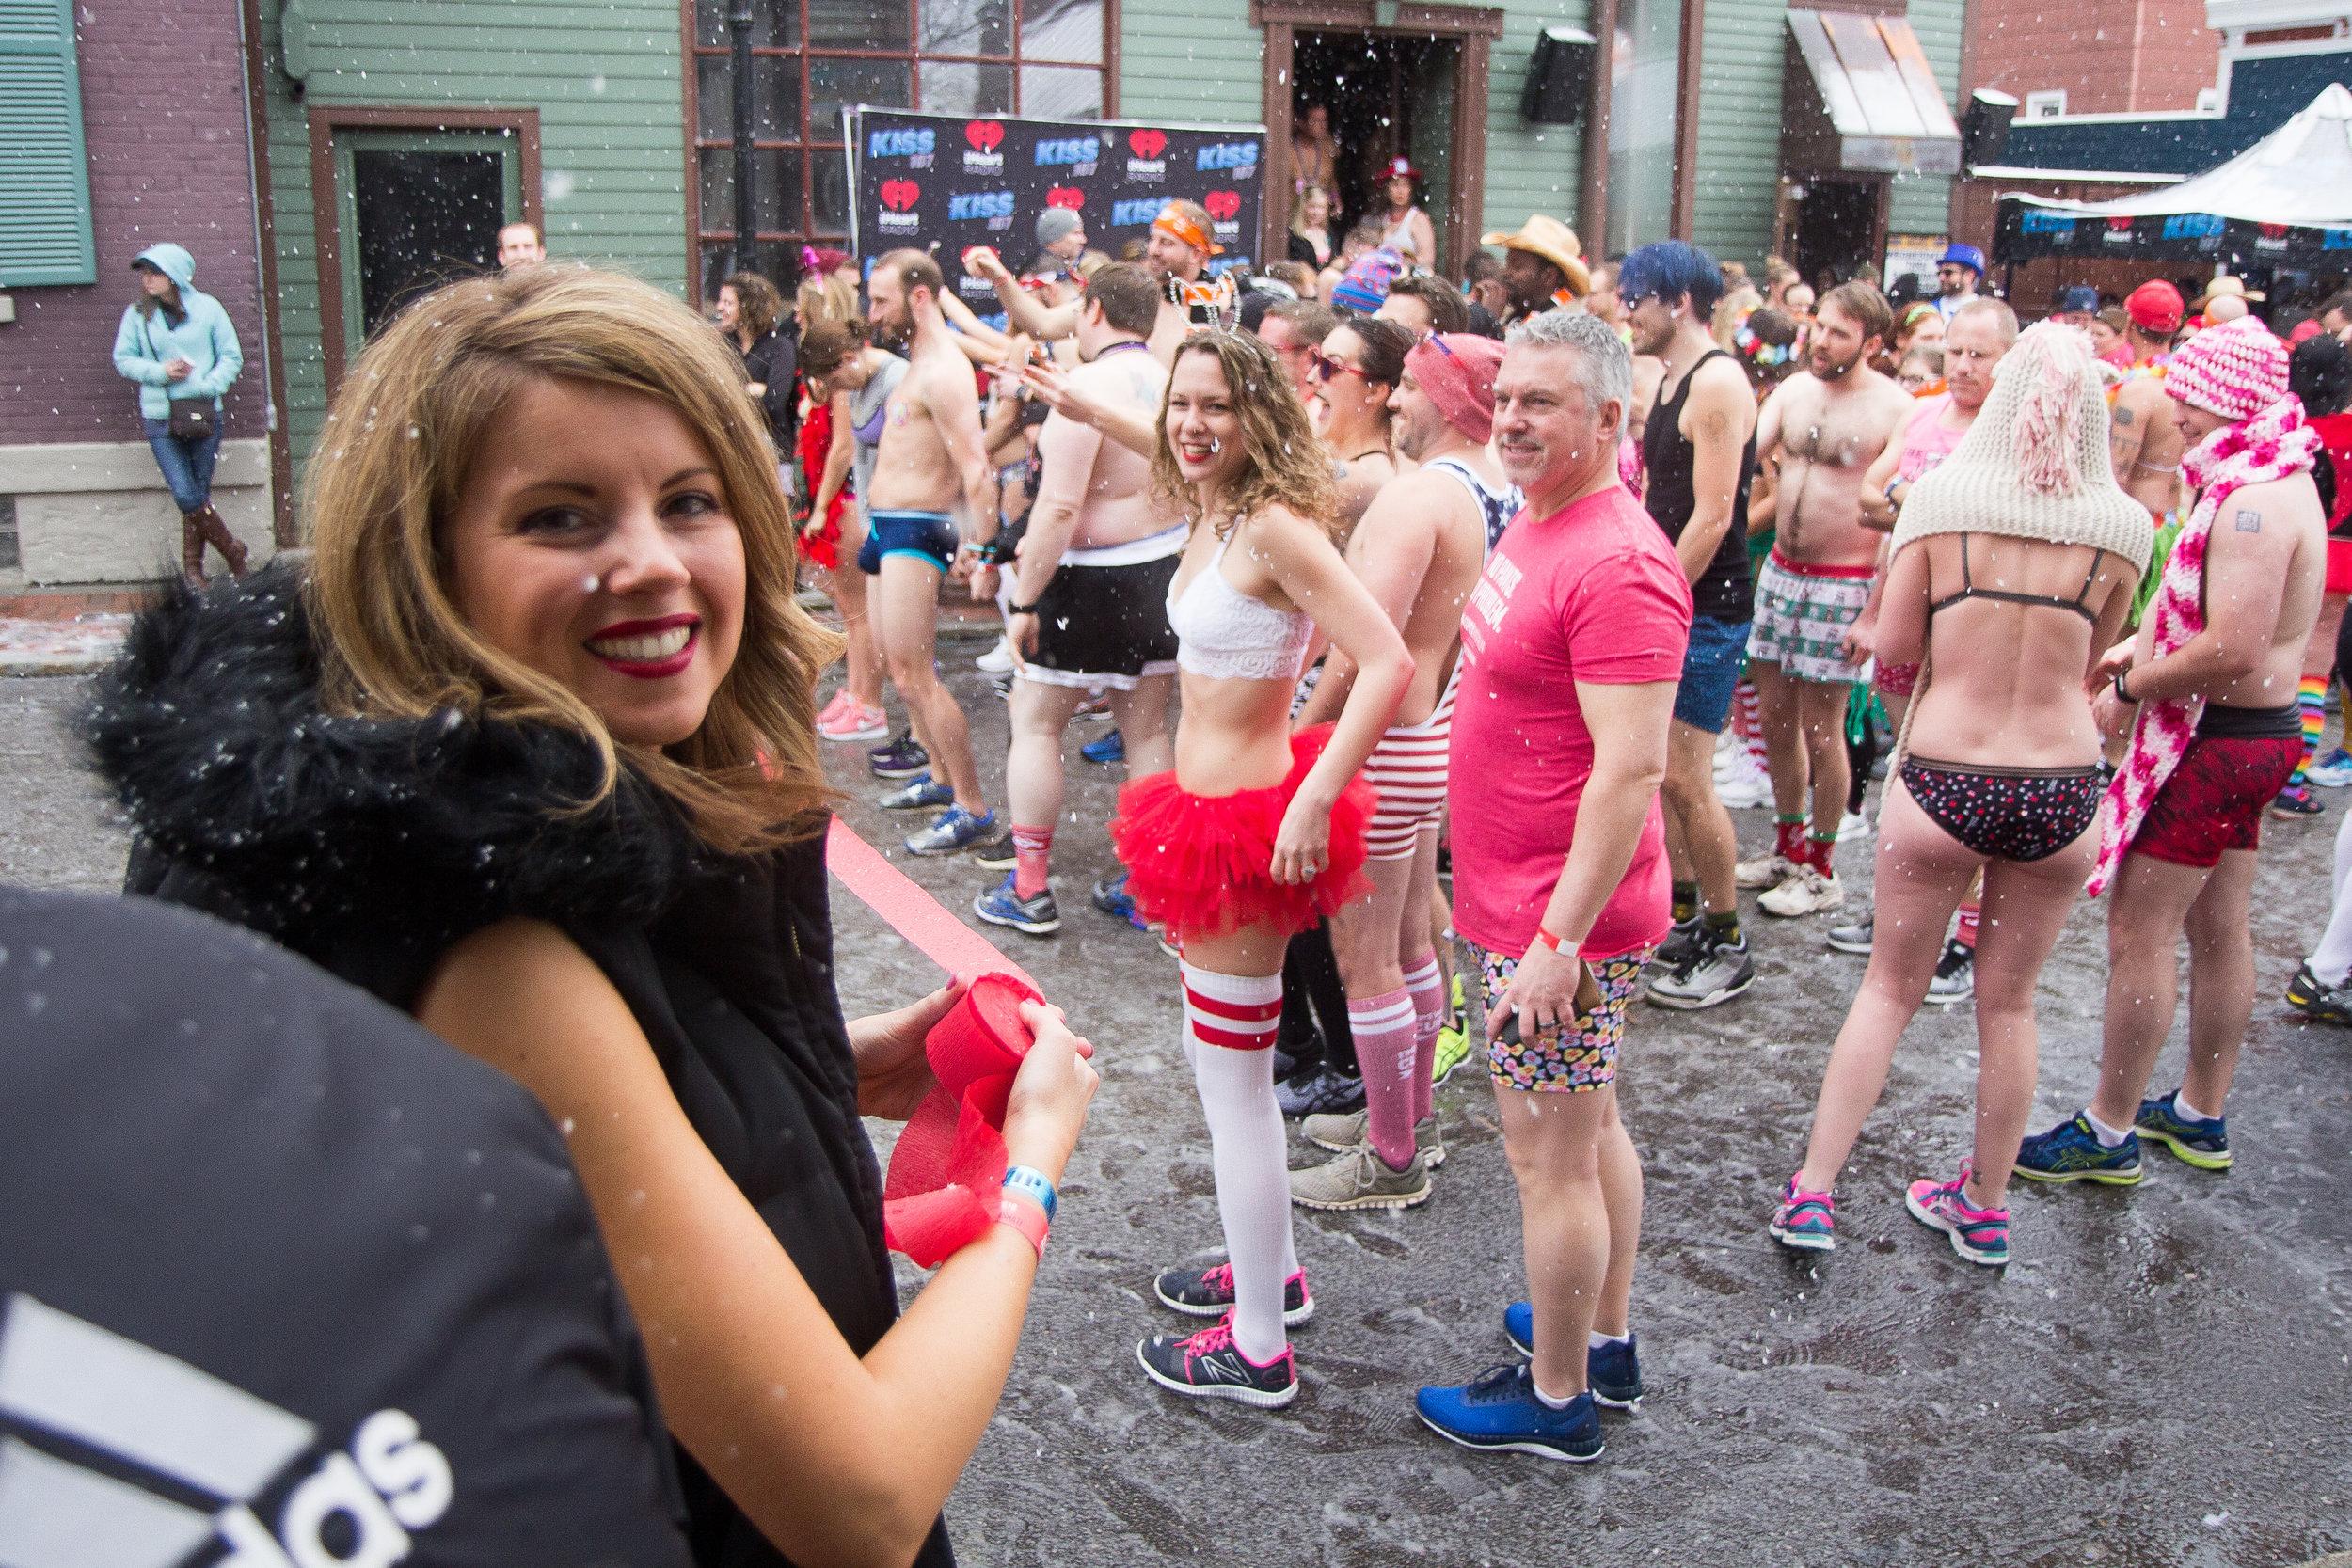 CaseyMillerPhoto - Cupid Undie Run 2018  (93 of 252).jpg